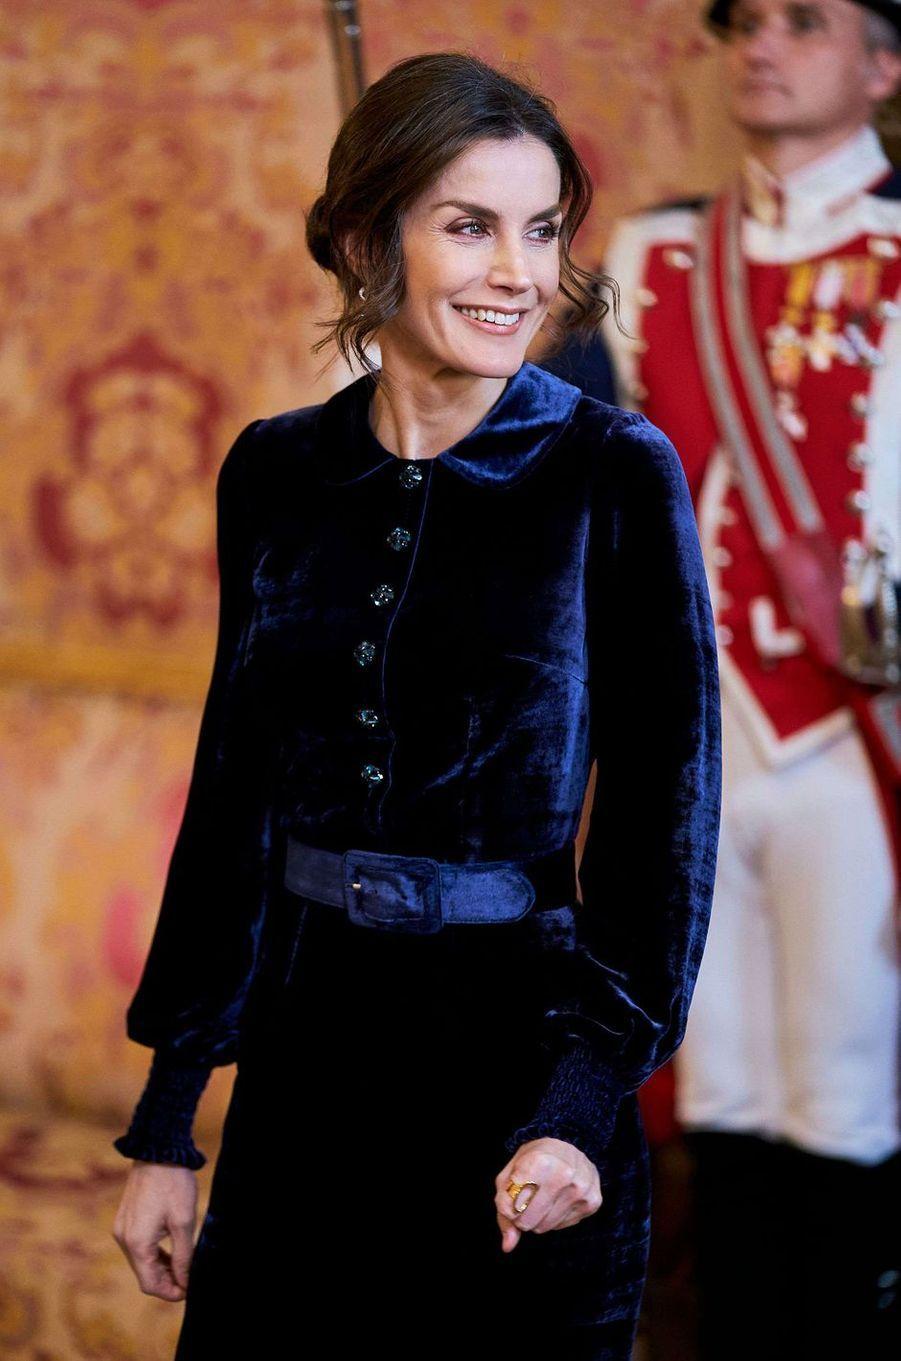 La reine Letizia d'Espagne portant sa bague Karen Hallam à Madrid, le 5 février 2020